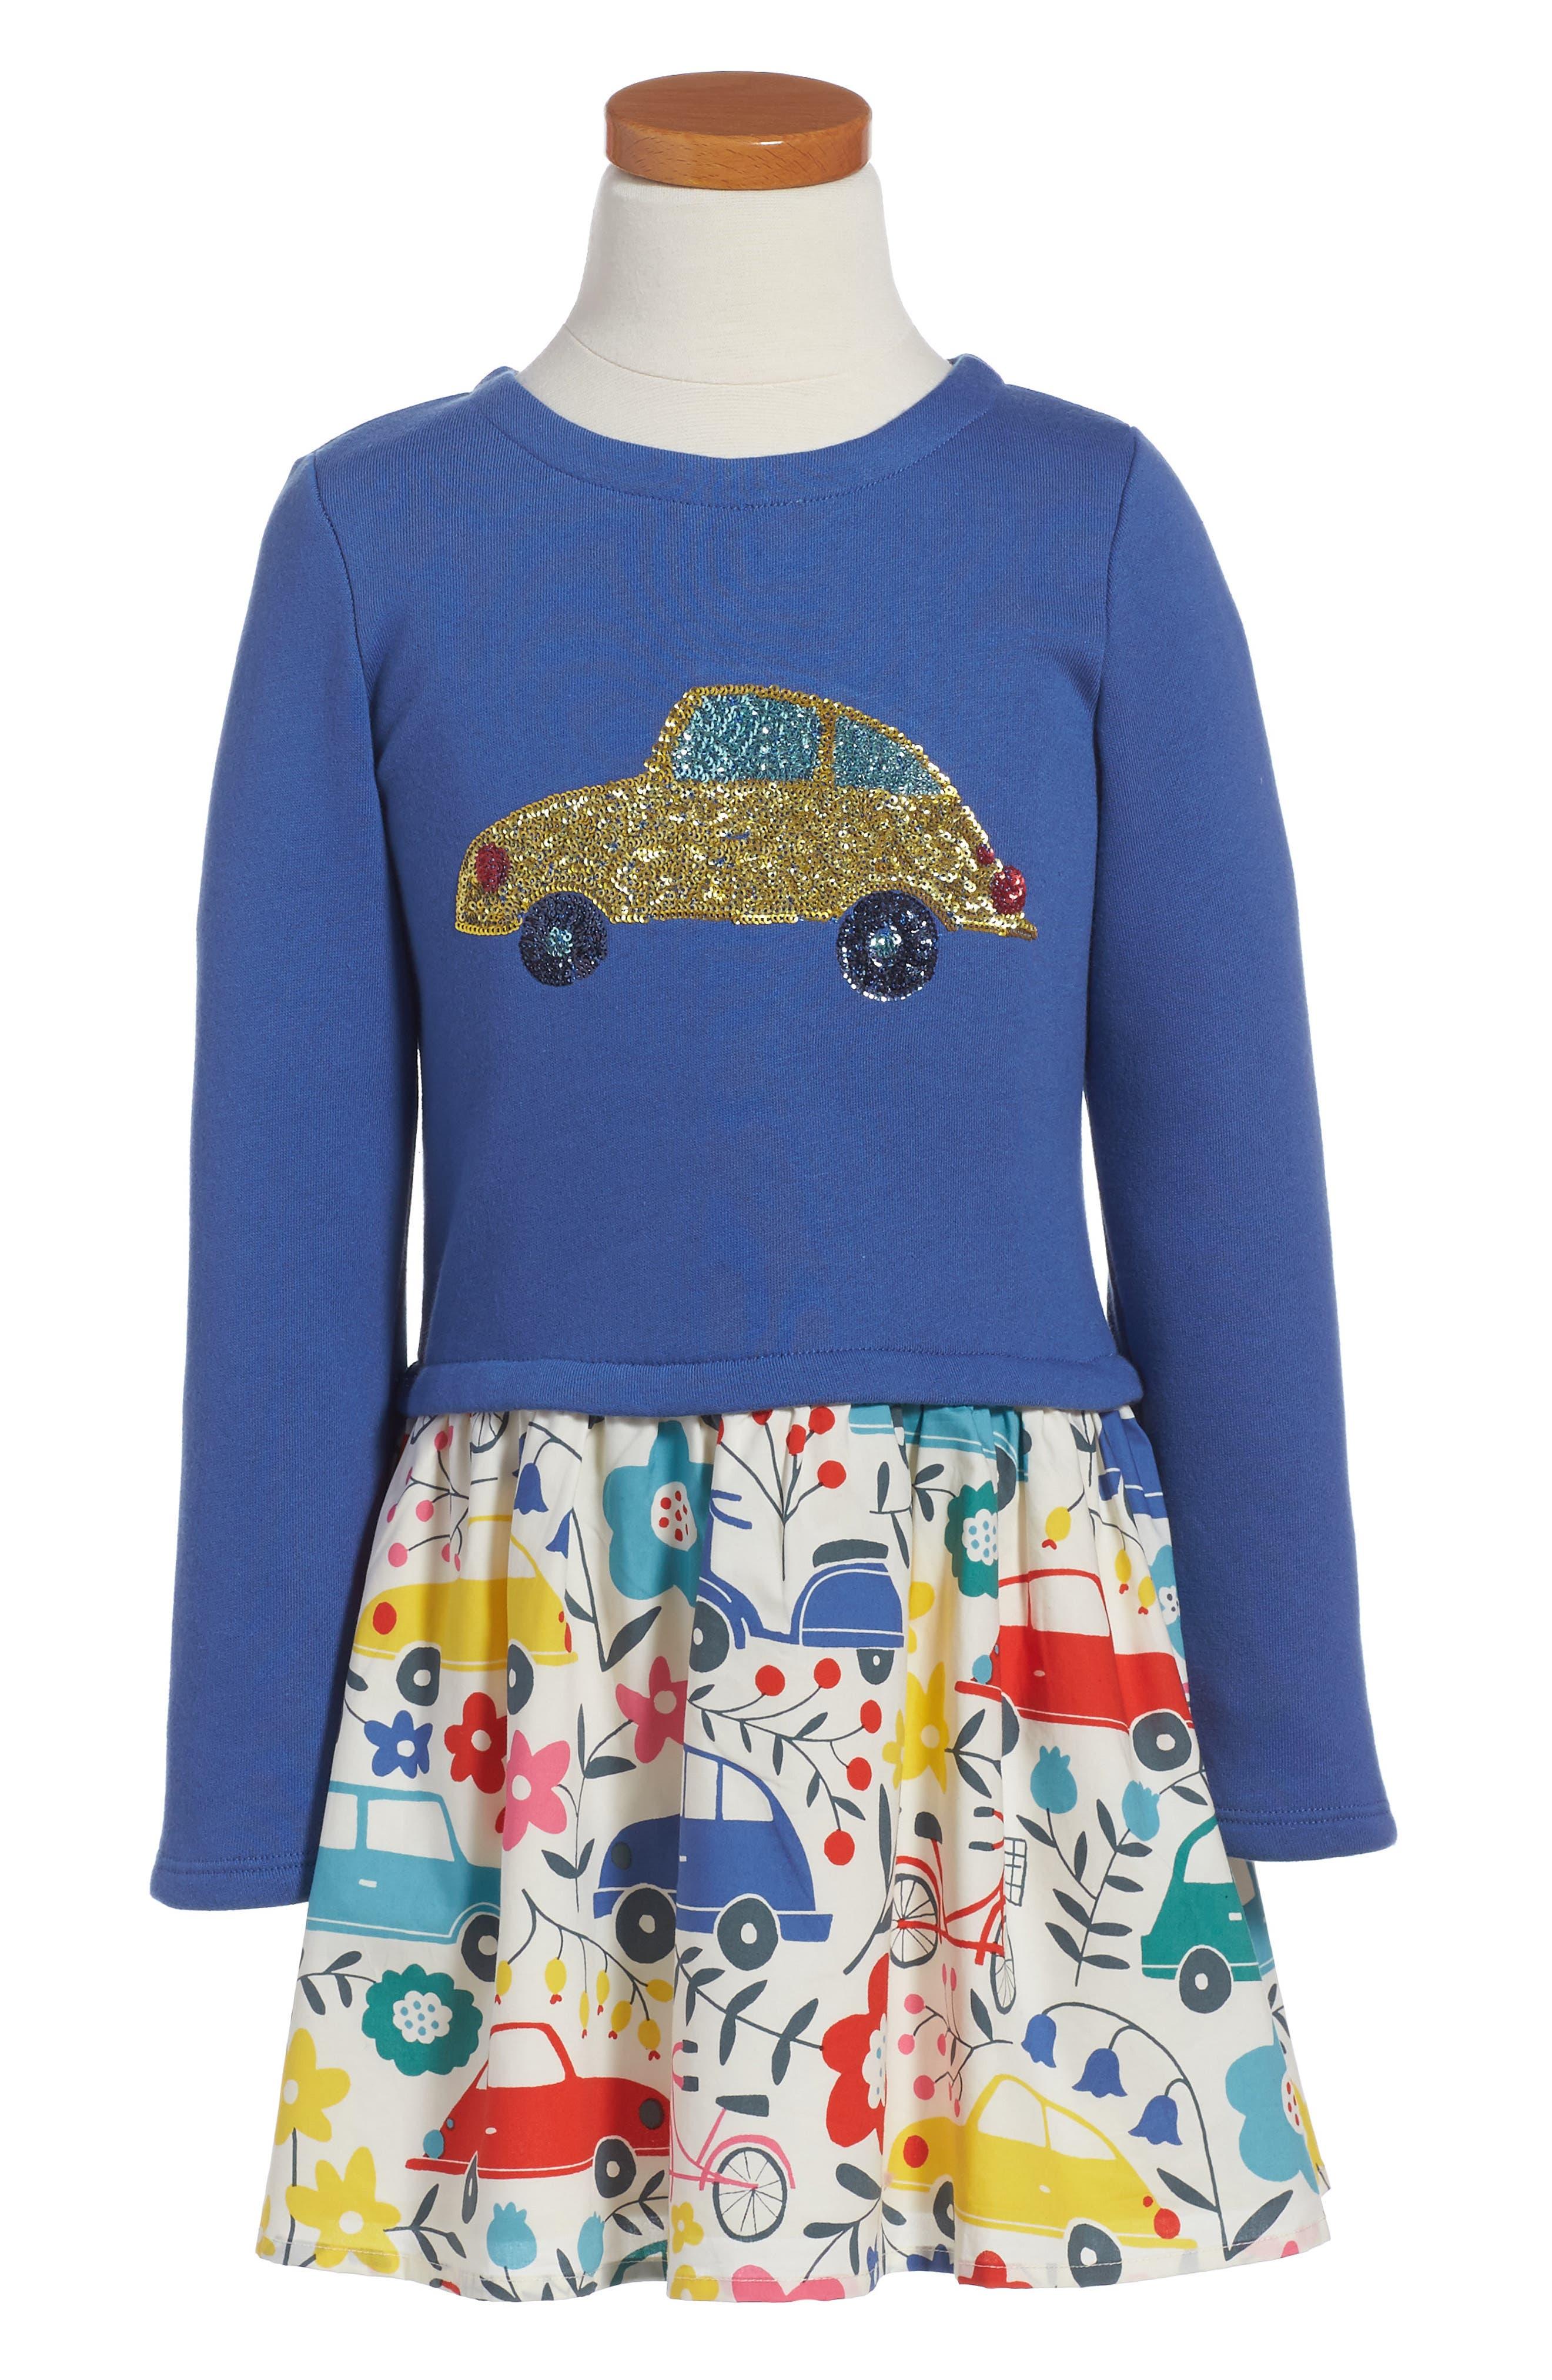 Sequin Appliqué Dress,                             Main thumbnail 1, color,                             402